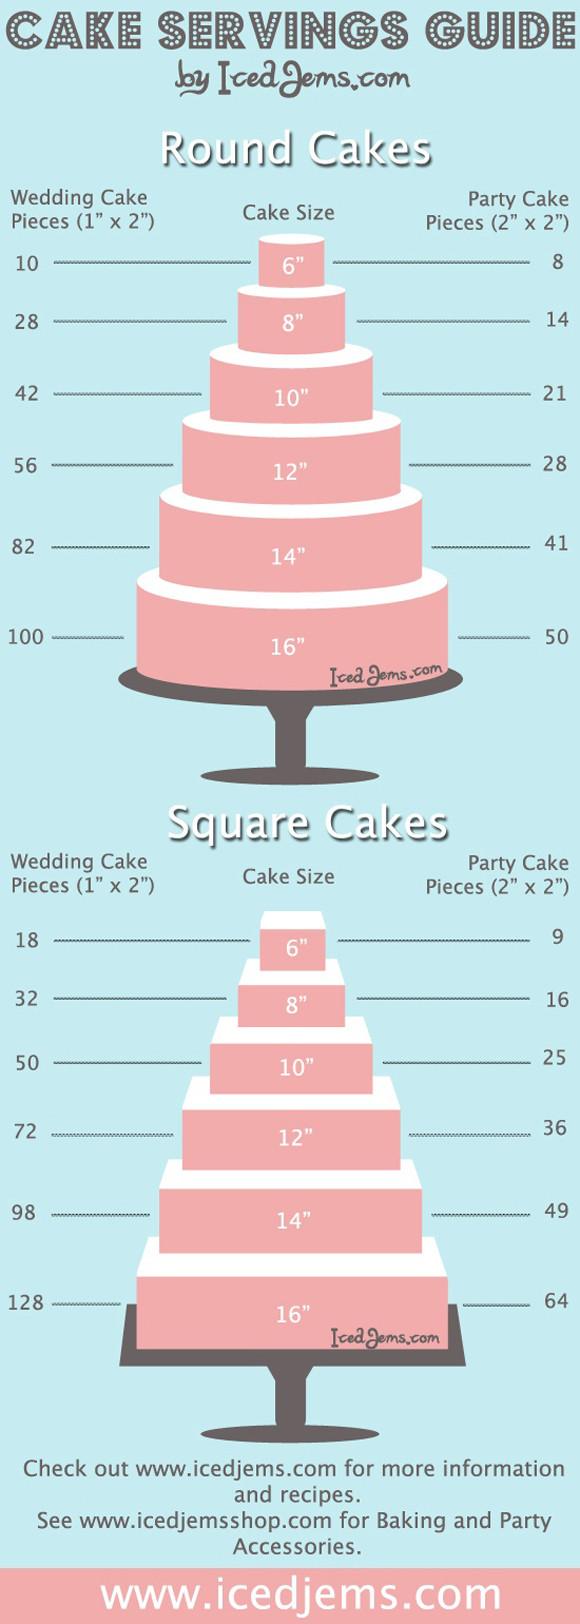 Wedding Cakes Sizes  Wedding Cake Myths Exposed